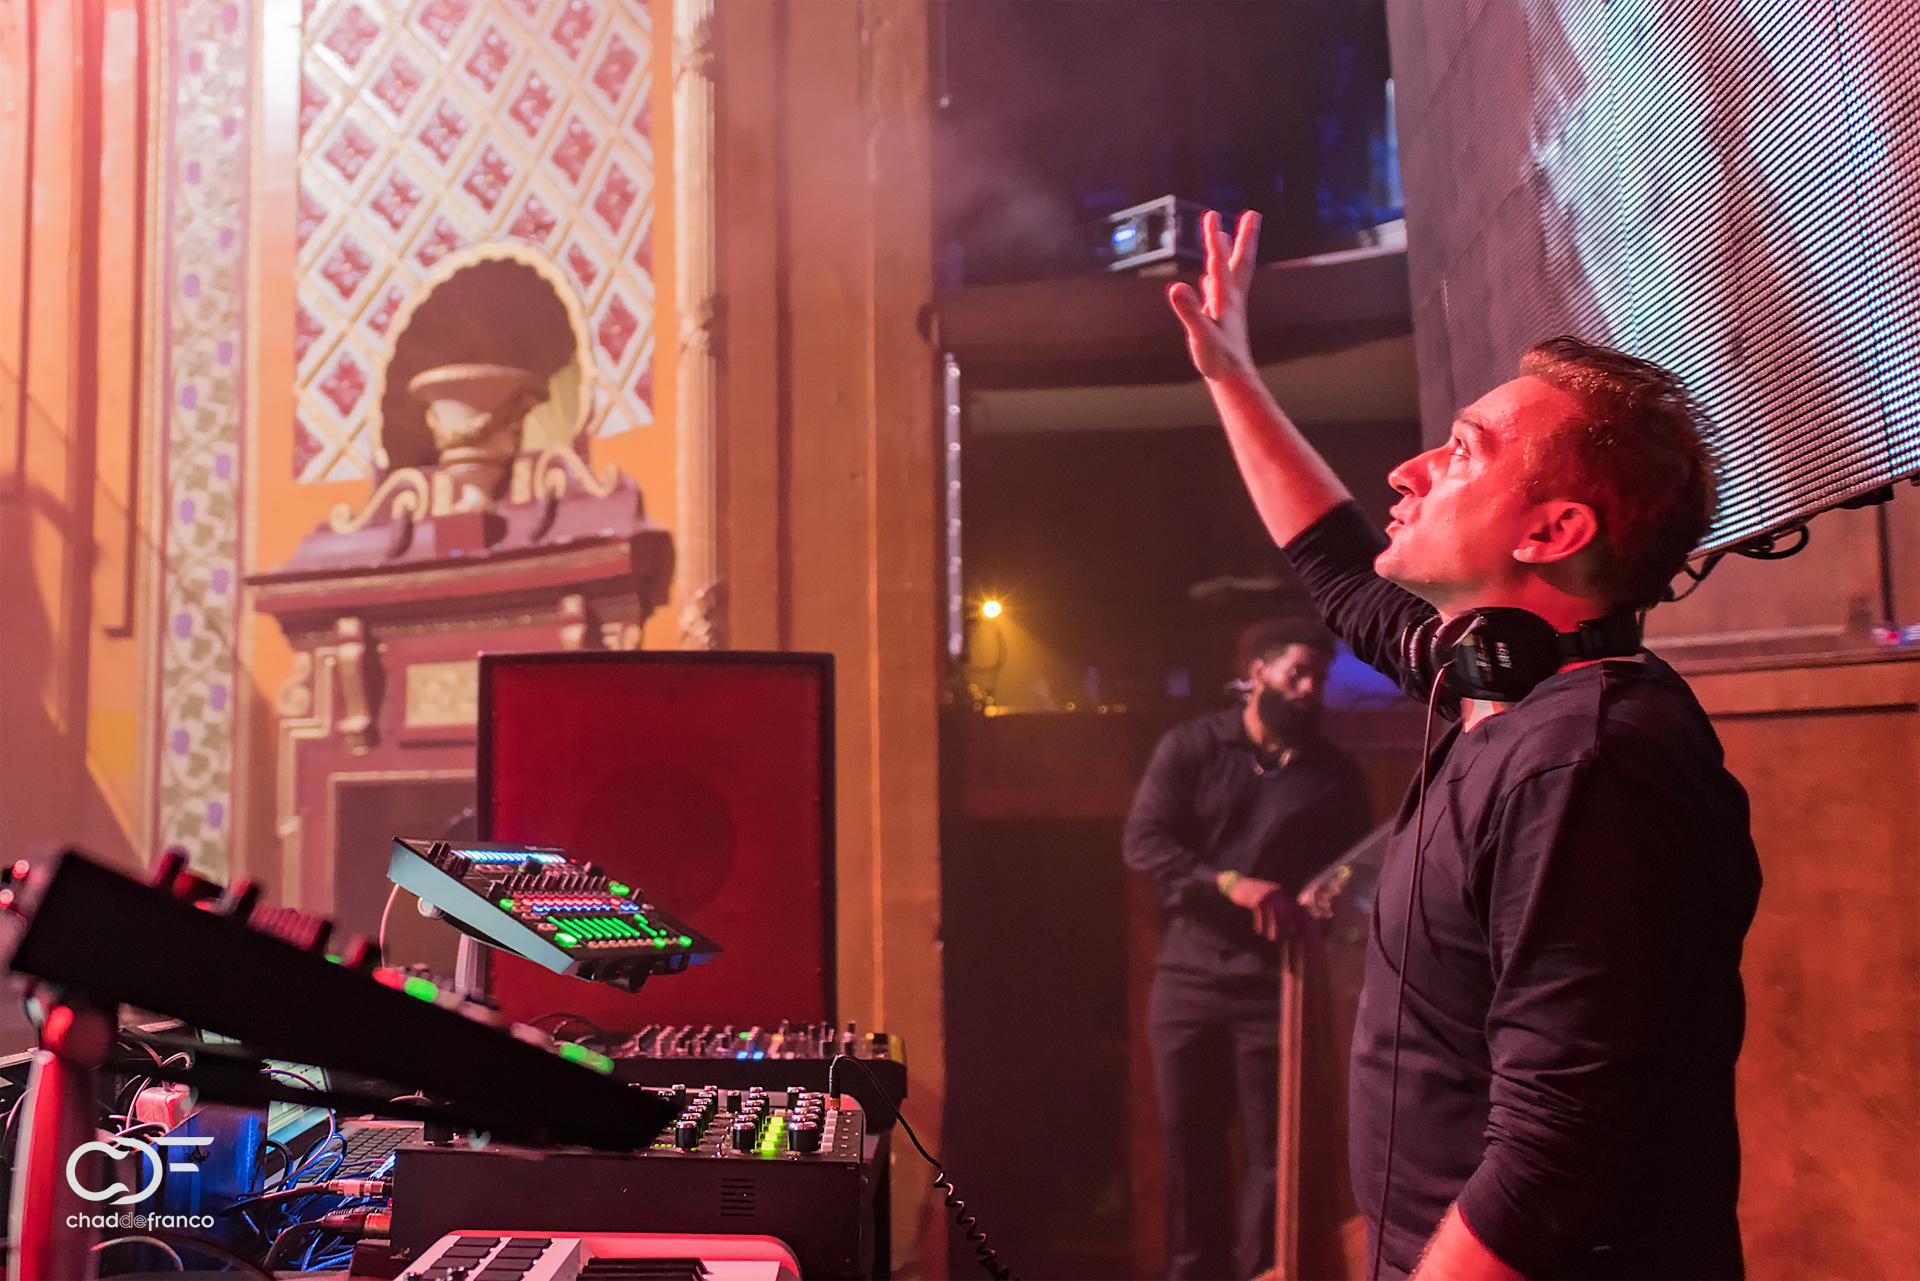 Paul van Dyk in the mix at Opera Nightclub in Atlanta